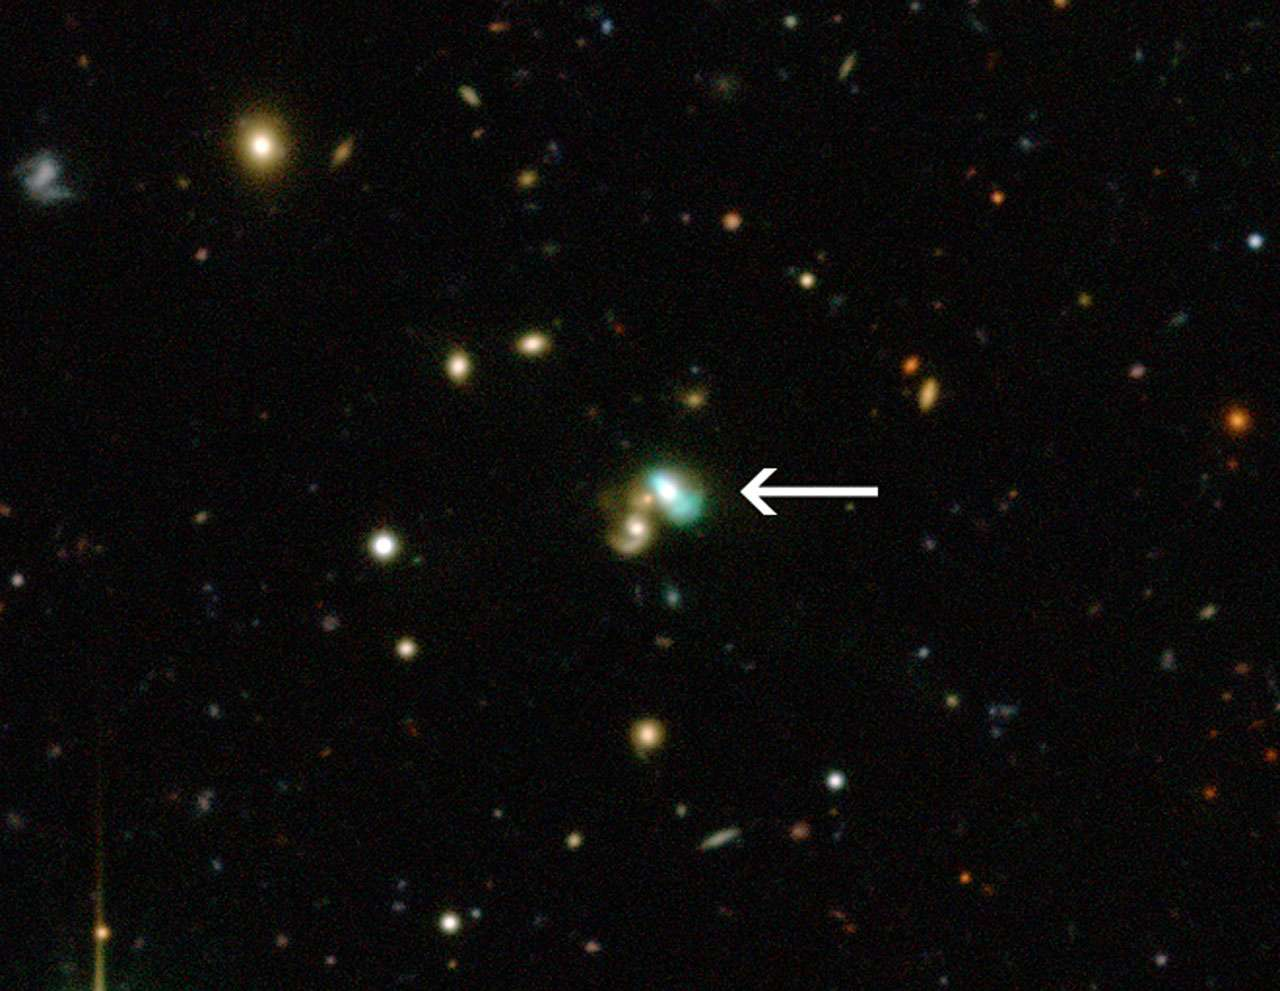 L'image du télescope Canada-France-Hawaï montre des milliers de galaxies dans l'univers lointain. Mais celle proche du centre semble vraiment très bizarre : elle brille d'une lueur verte. Cet objet très peu courant est appelé J224024.1−092748 ou J2240 et est un exemple parfait d'une nouvelle catégorie d'objets, les galaxies Haricot vert. Ce sont des galaxies qui brillent dans leur totalité sous l'effet des rayonnements provenant de la région qui entoure le trou noir central. J2240 se trouve dans la constellation du Verseau et il a fallu environ 3,7 milliards d'années à sa lumière pour atteindre la Terre. © CFHT, ESO, M. Schirmer